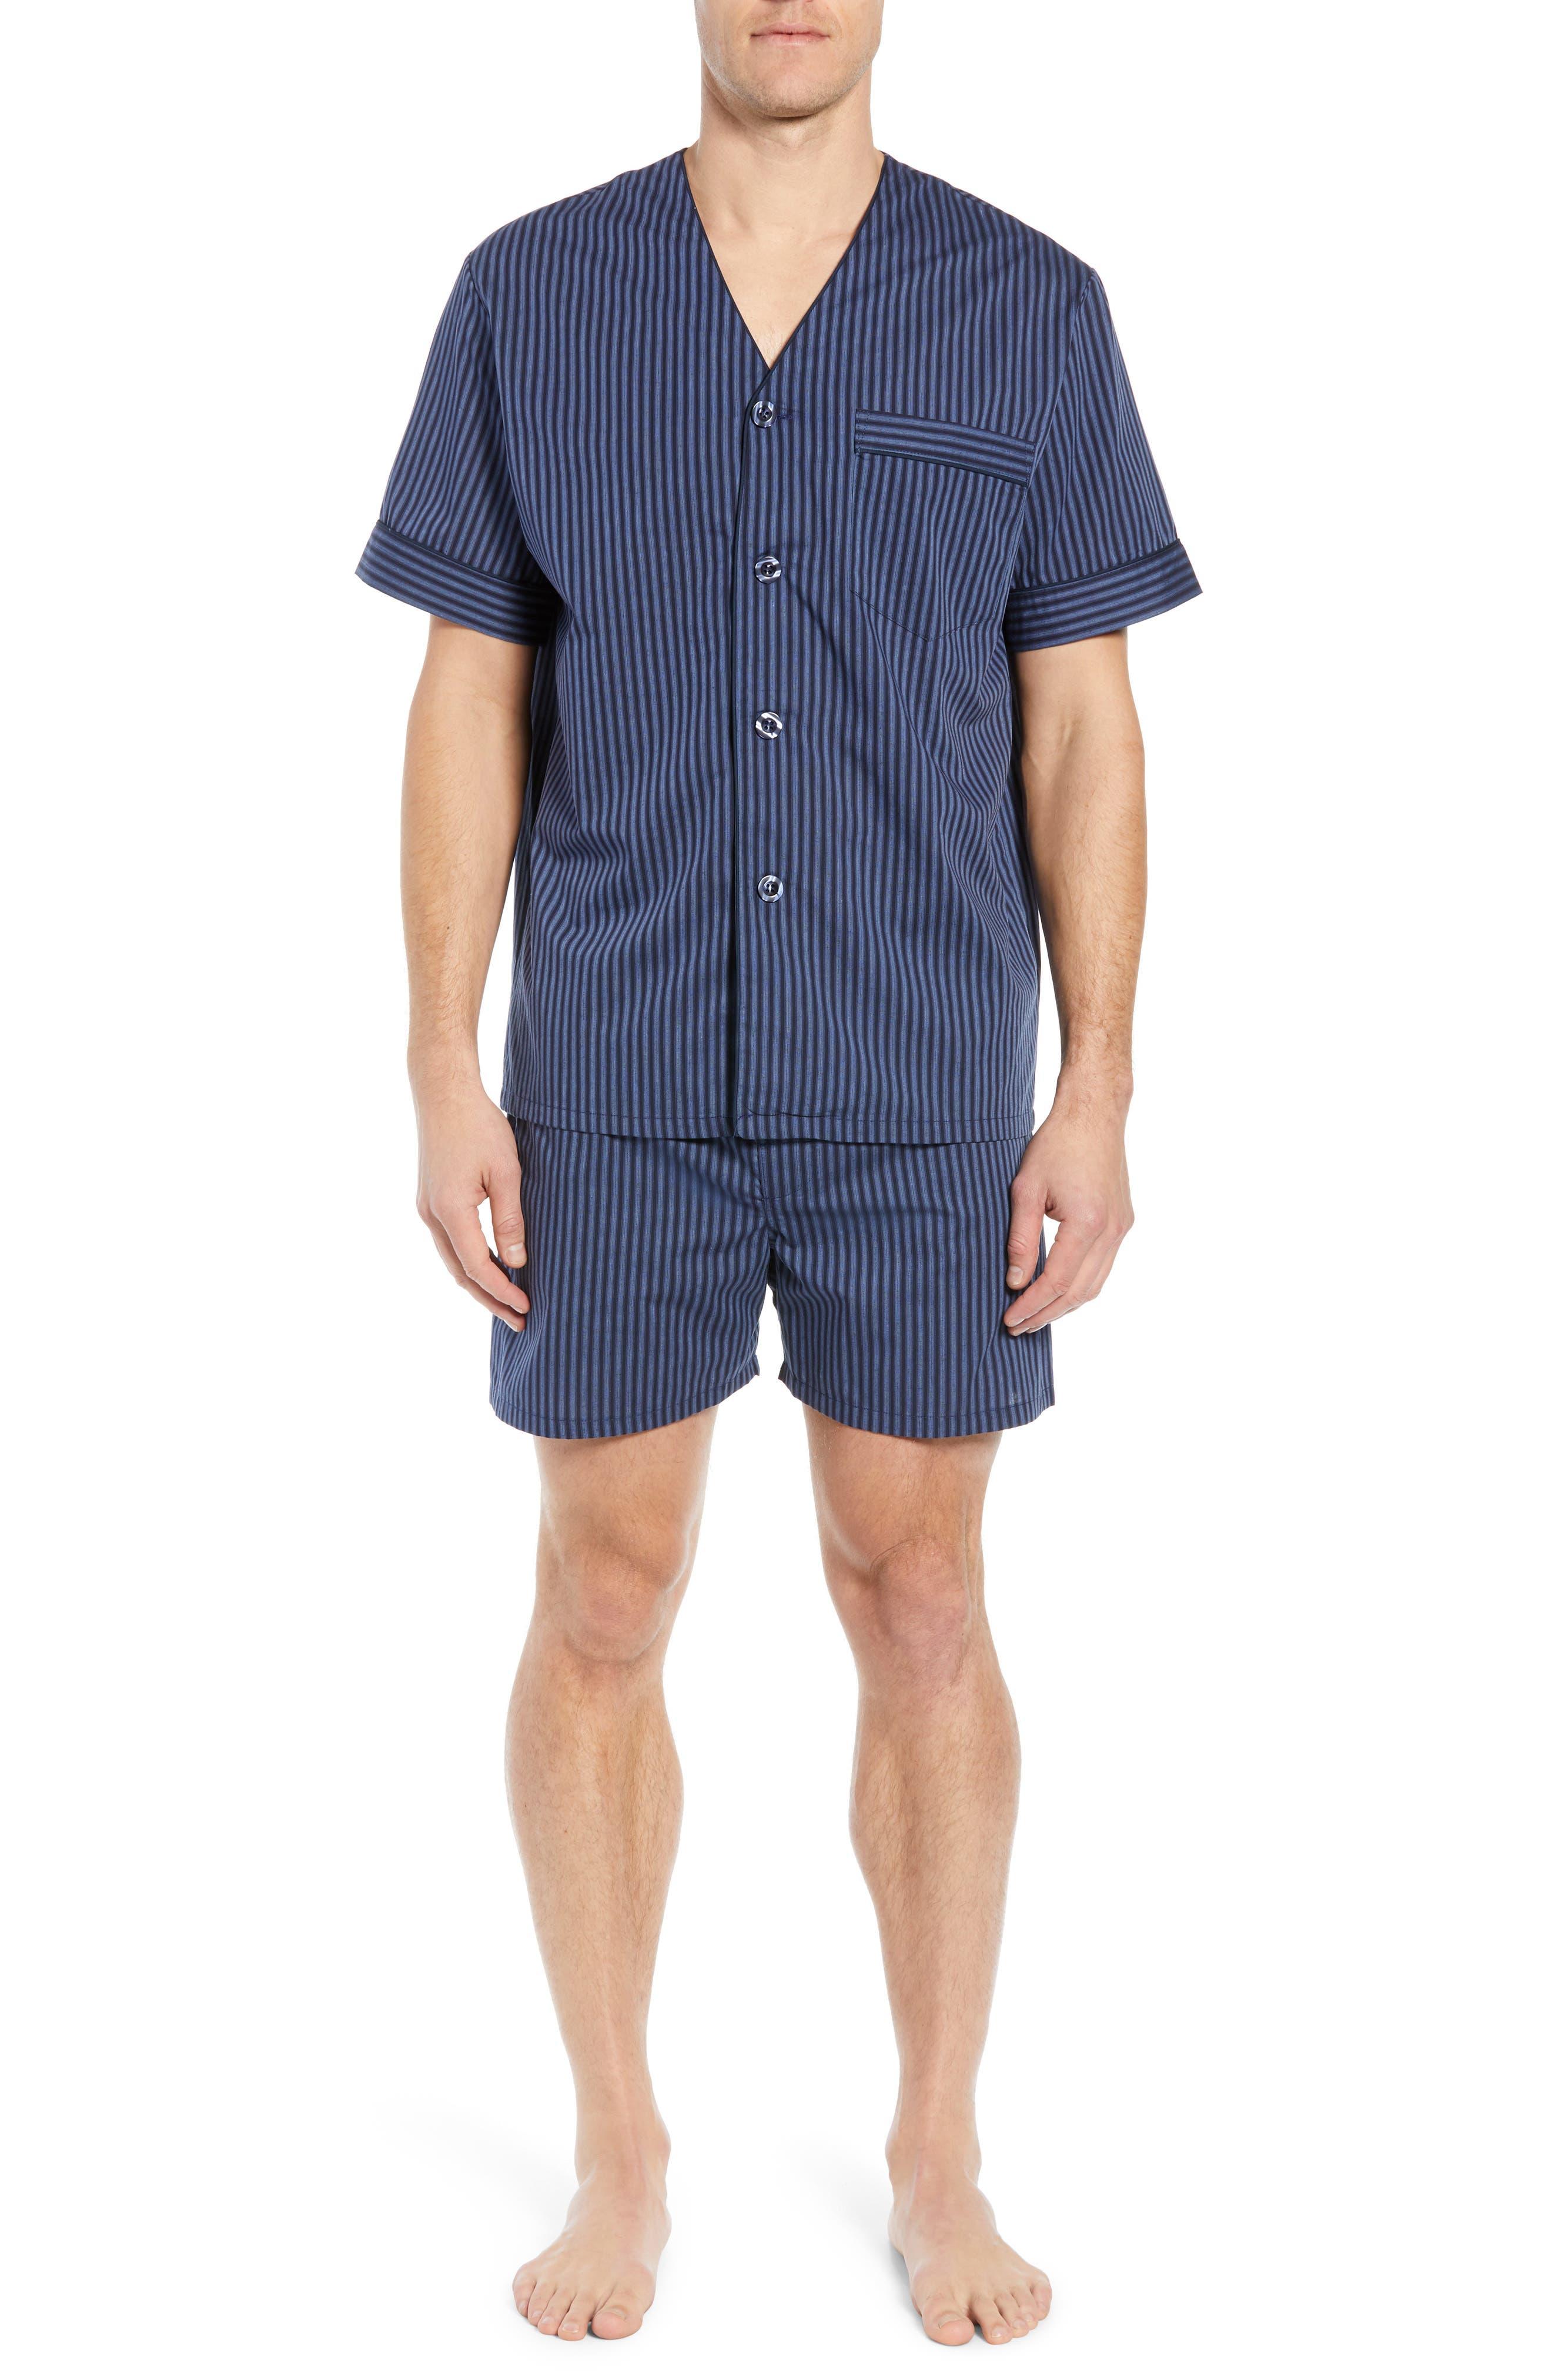 Majestic International Edward Easy Care Short Pajama Set, Blue